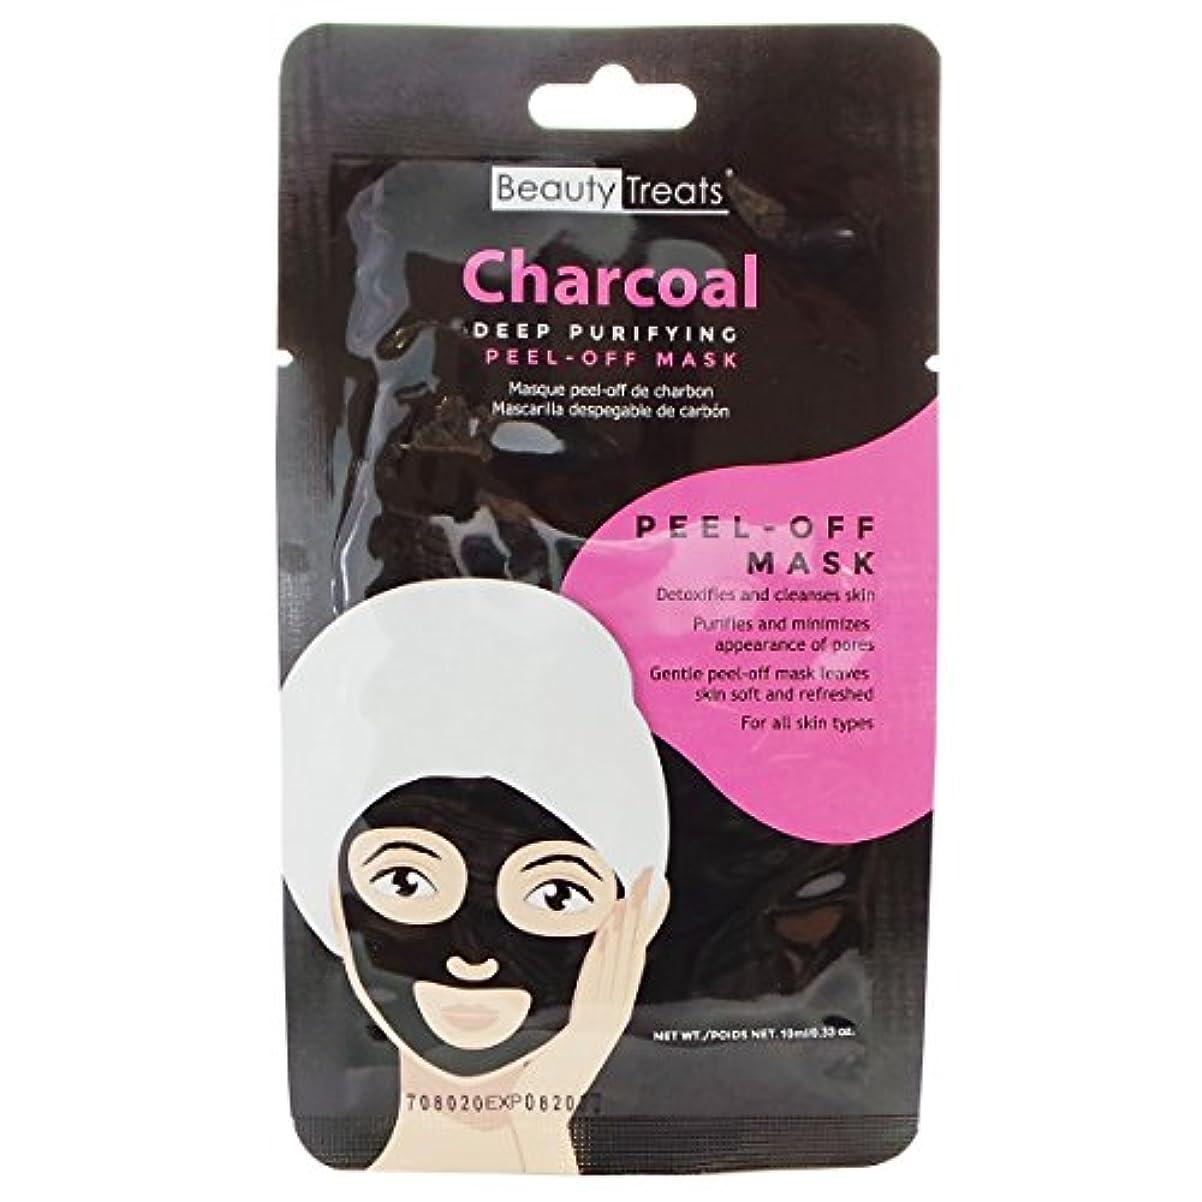 有名な裁判所好意(6 Pack) BEAUTY TREATS Deep Purifying Peel-Off Charcoal Mask (並行輸入品)